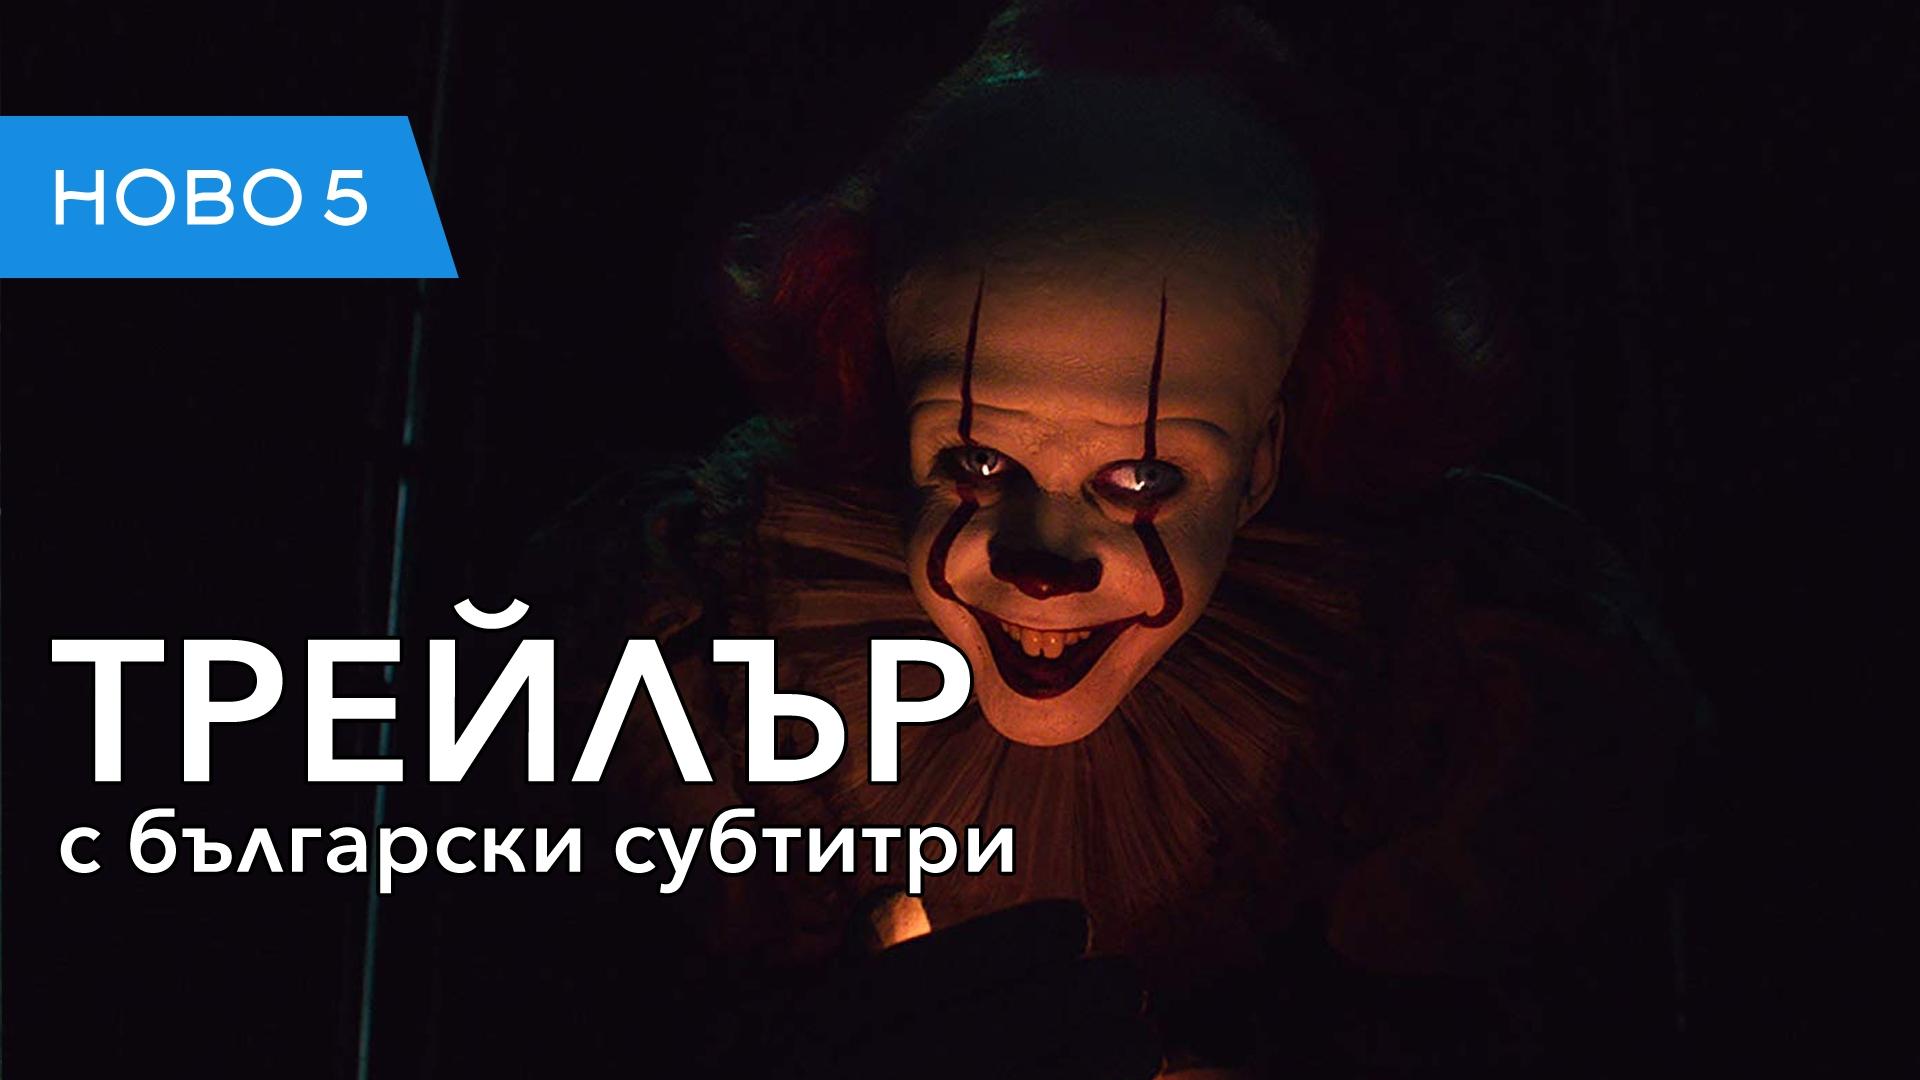 ТО: Част втора (2019) трейлър с български субтитри